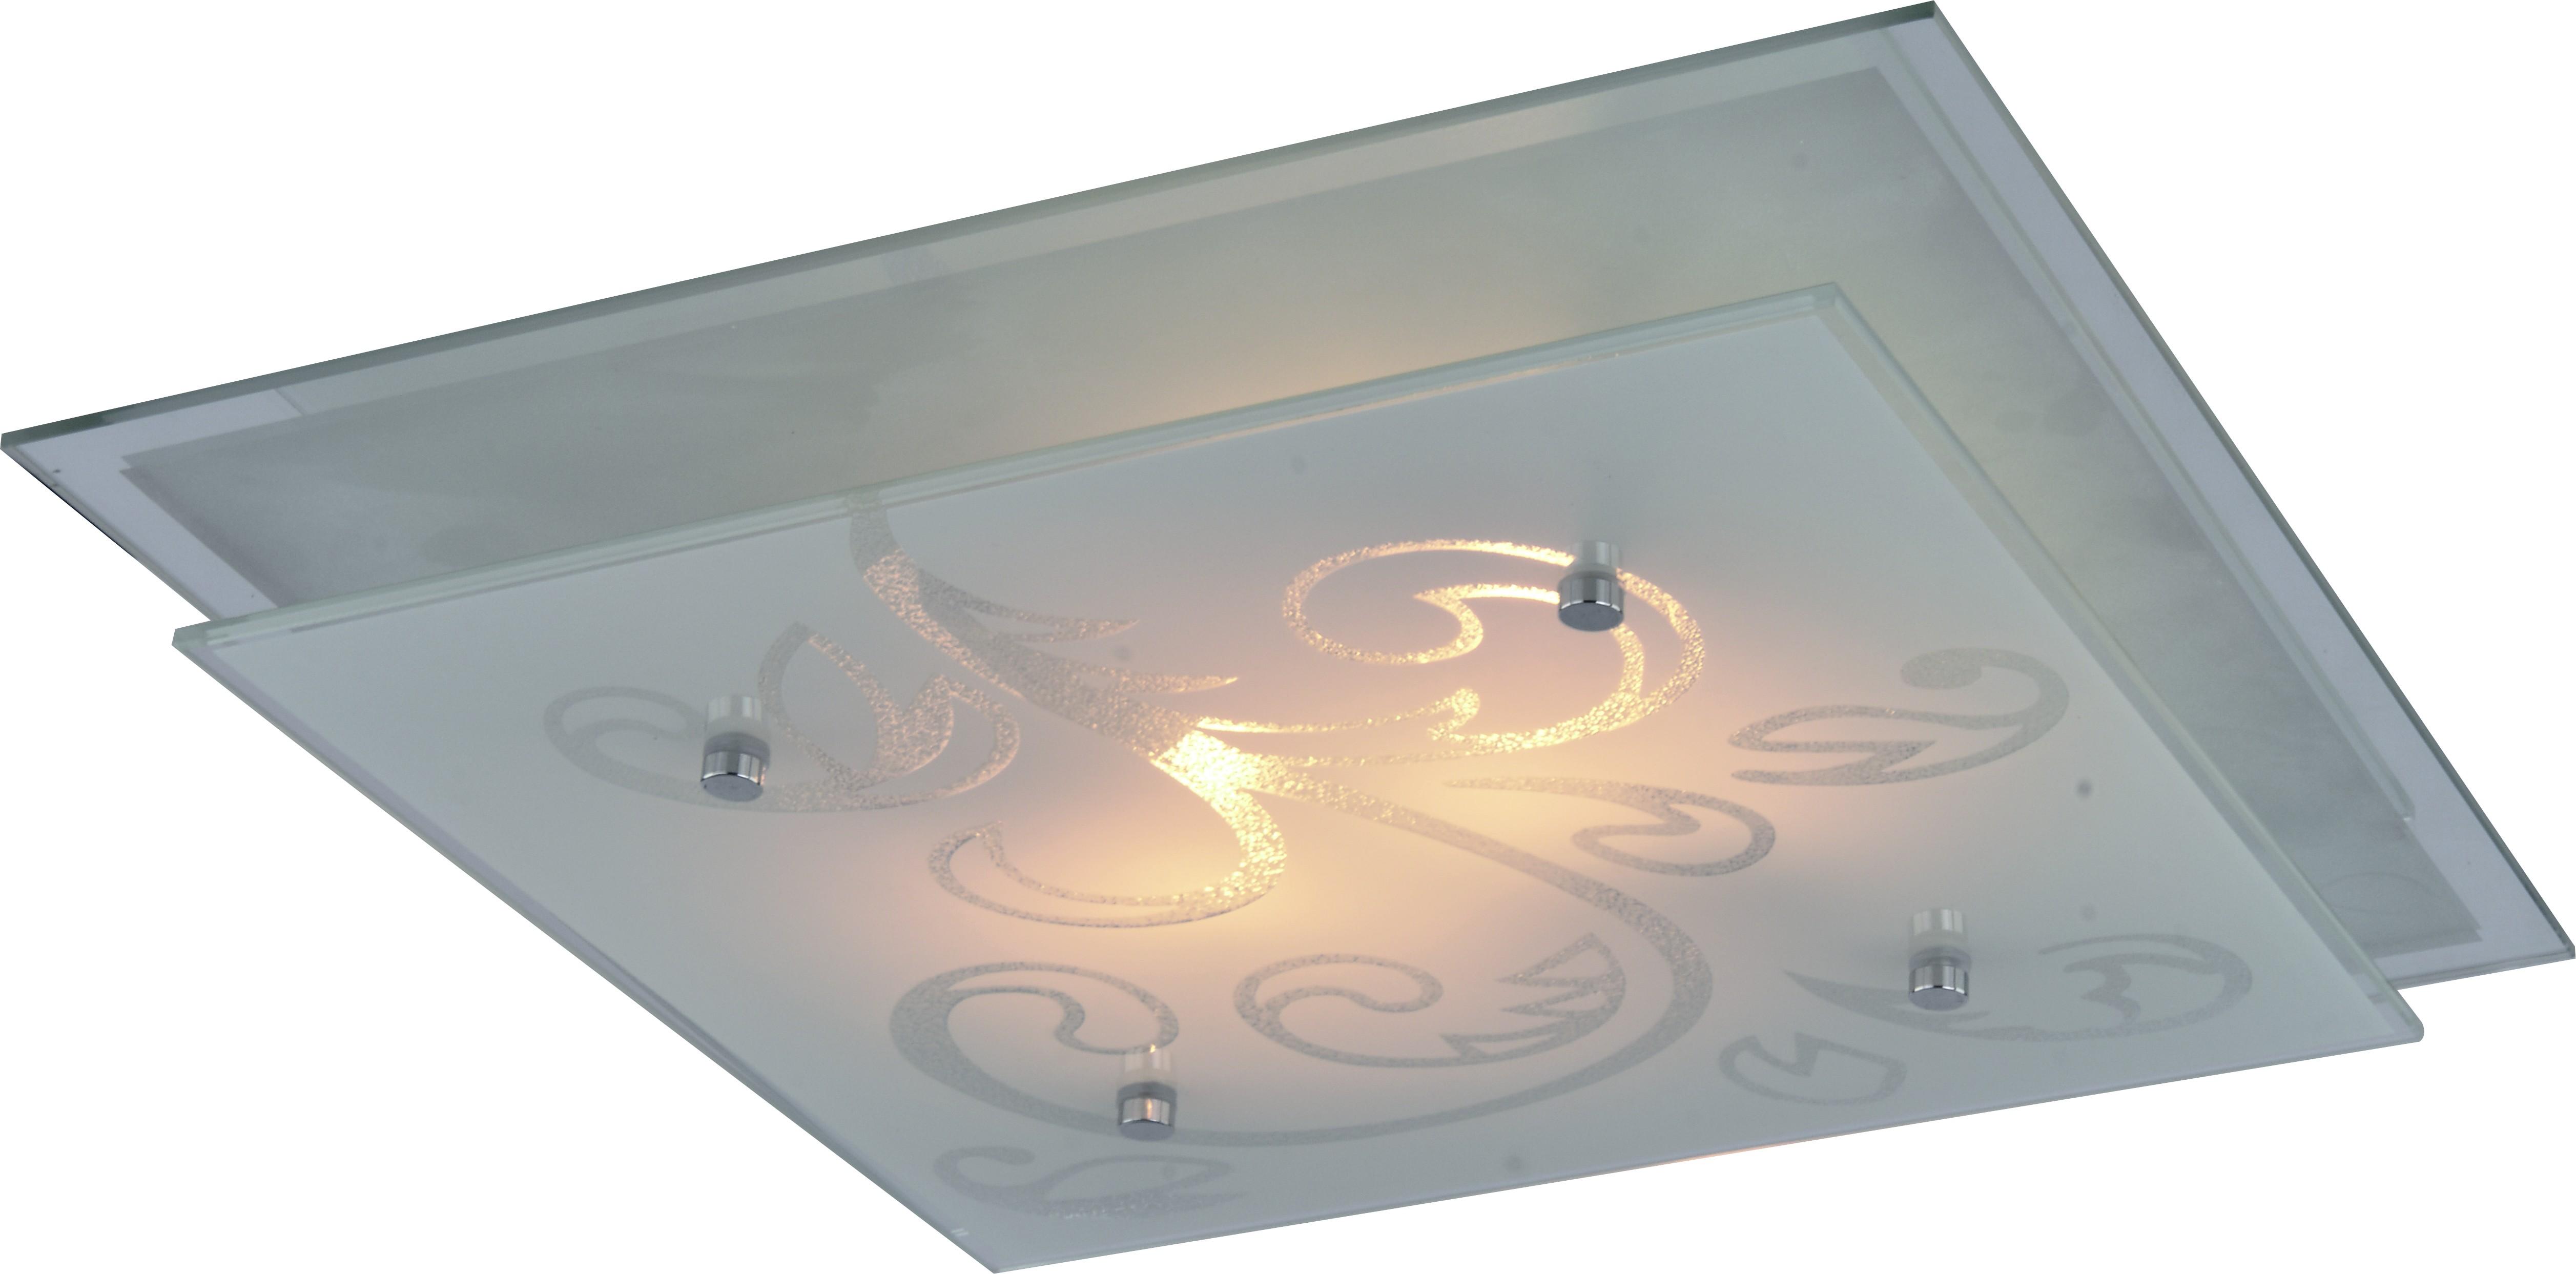 Светильник настенно-потолочный Arte lamp A4866pl-2cc светильник настенно потолочный arte lamp jasmine a4040pl 2cc 2x60вт e27 хром